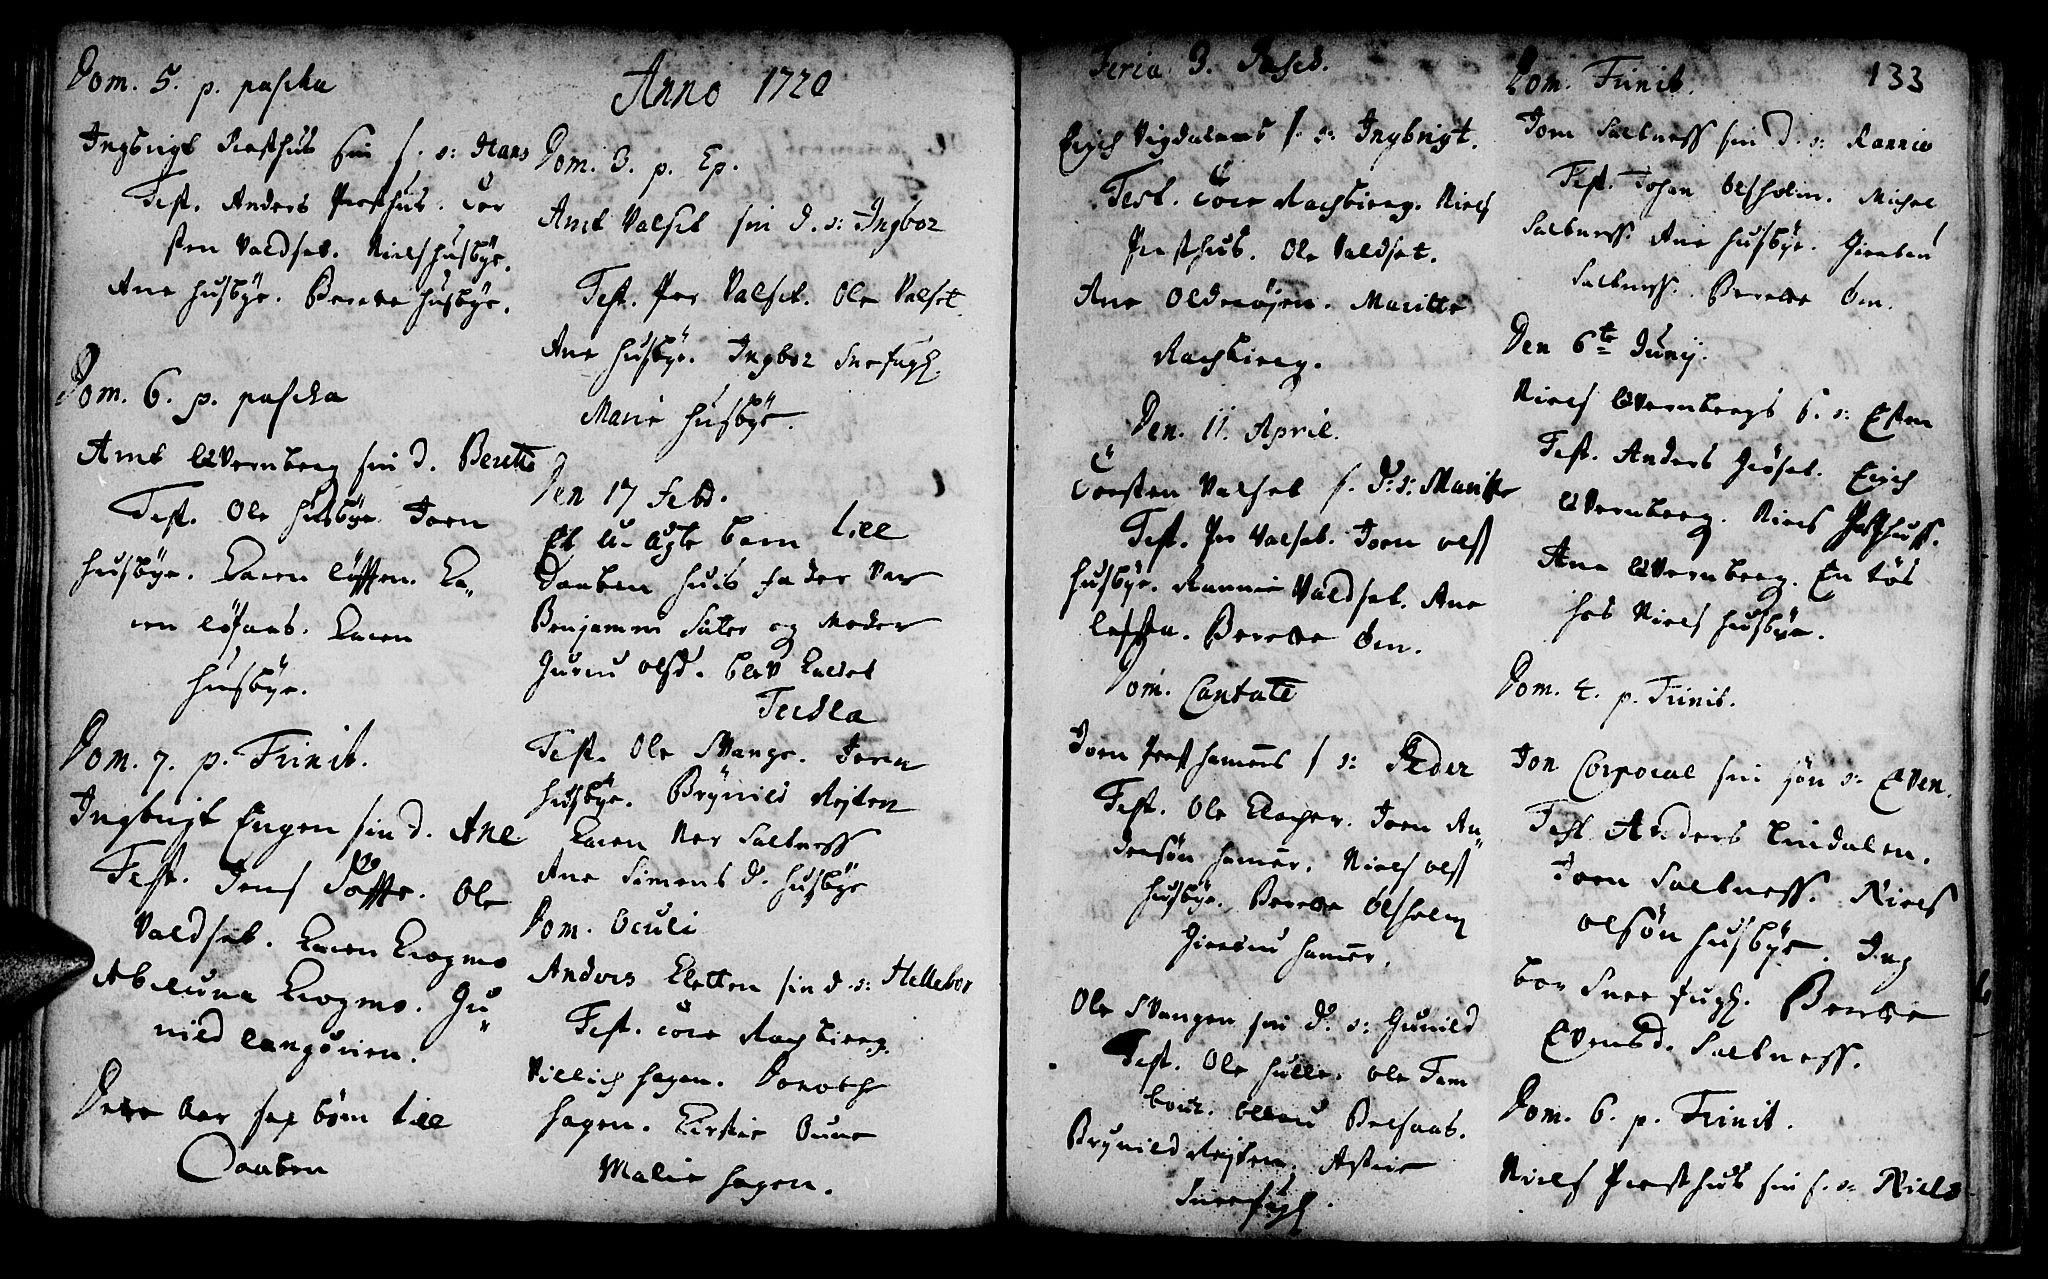 SAT, Ministerialprotokoller, klokkerbøker og fødselsregistre - Sør-Trøndelag, 666/L0783: Ministerialbok nr. 666A01, 1702-1753, s. 133